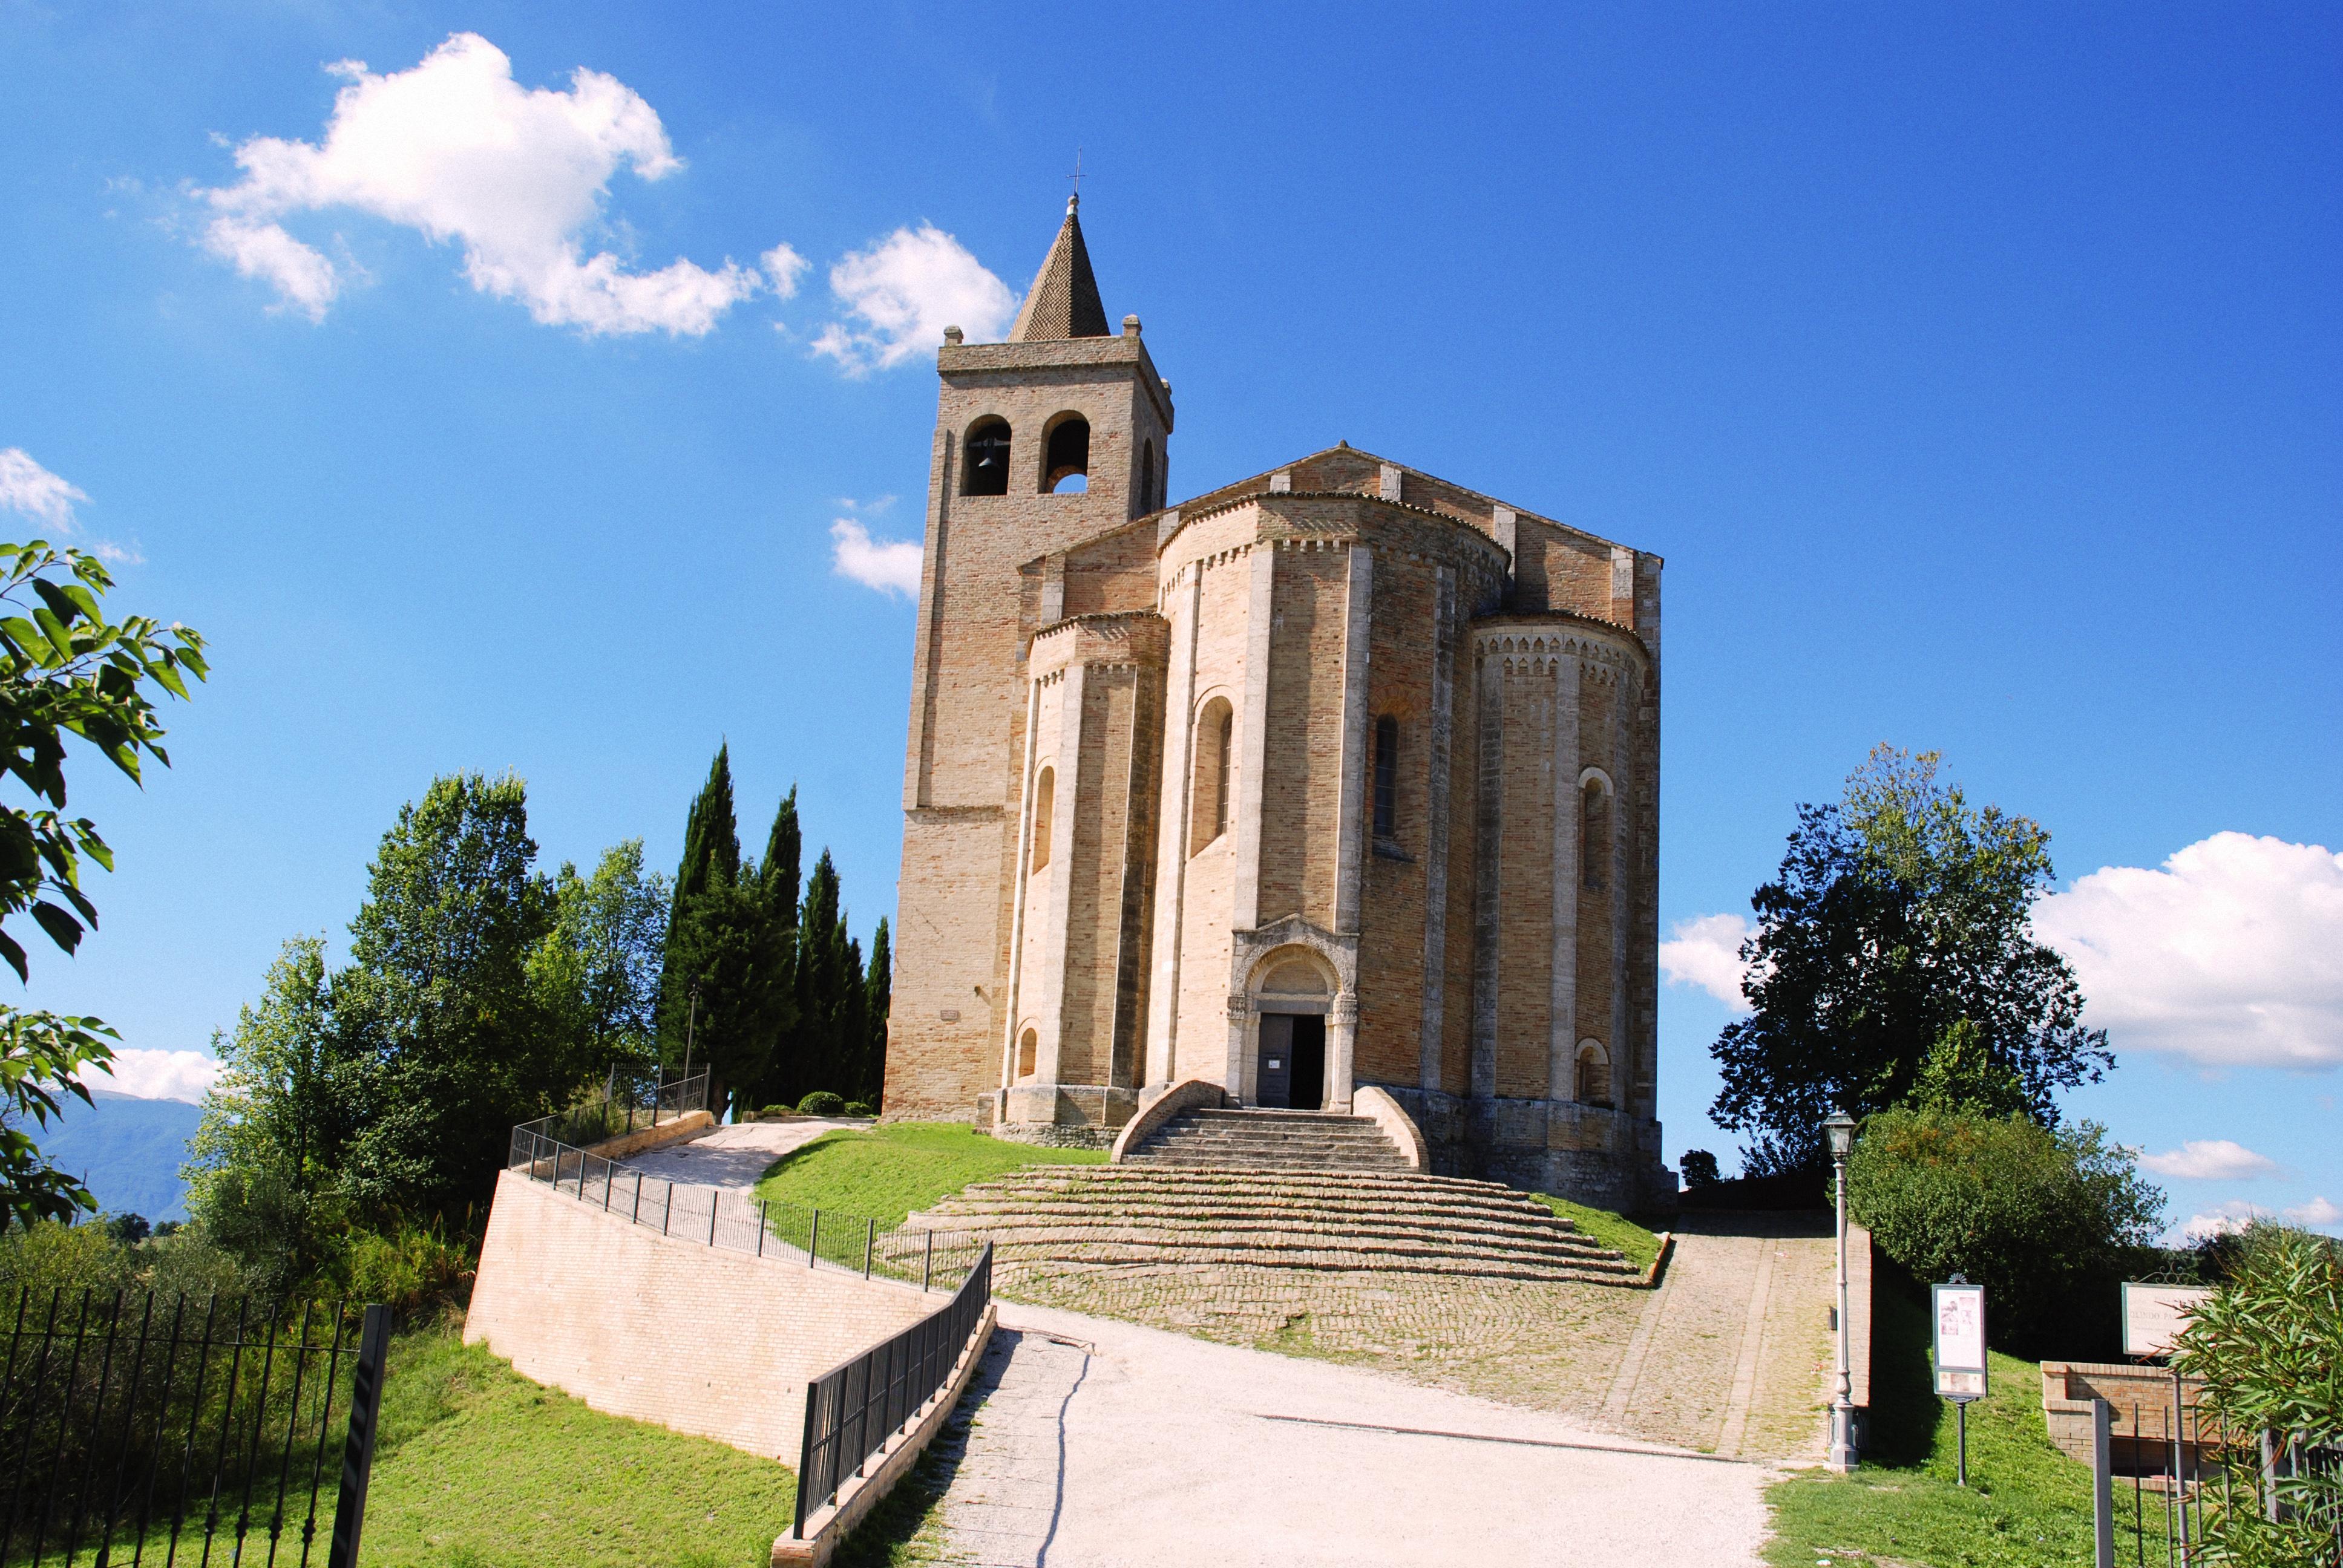 Ferienwohnung Il Casale di Giovanna - Lavender (2124914), San Venanzo, Ascoli Piceno, Marken, Italien, Bild 22